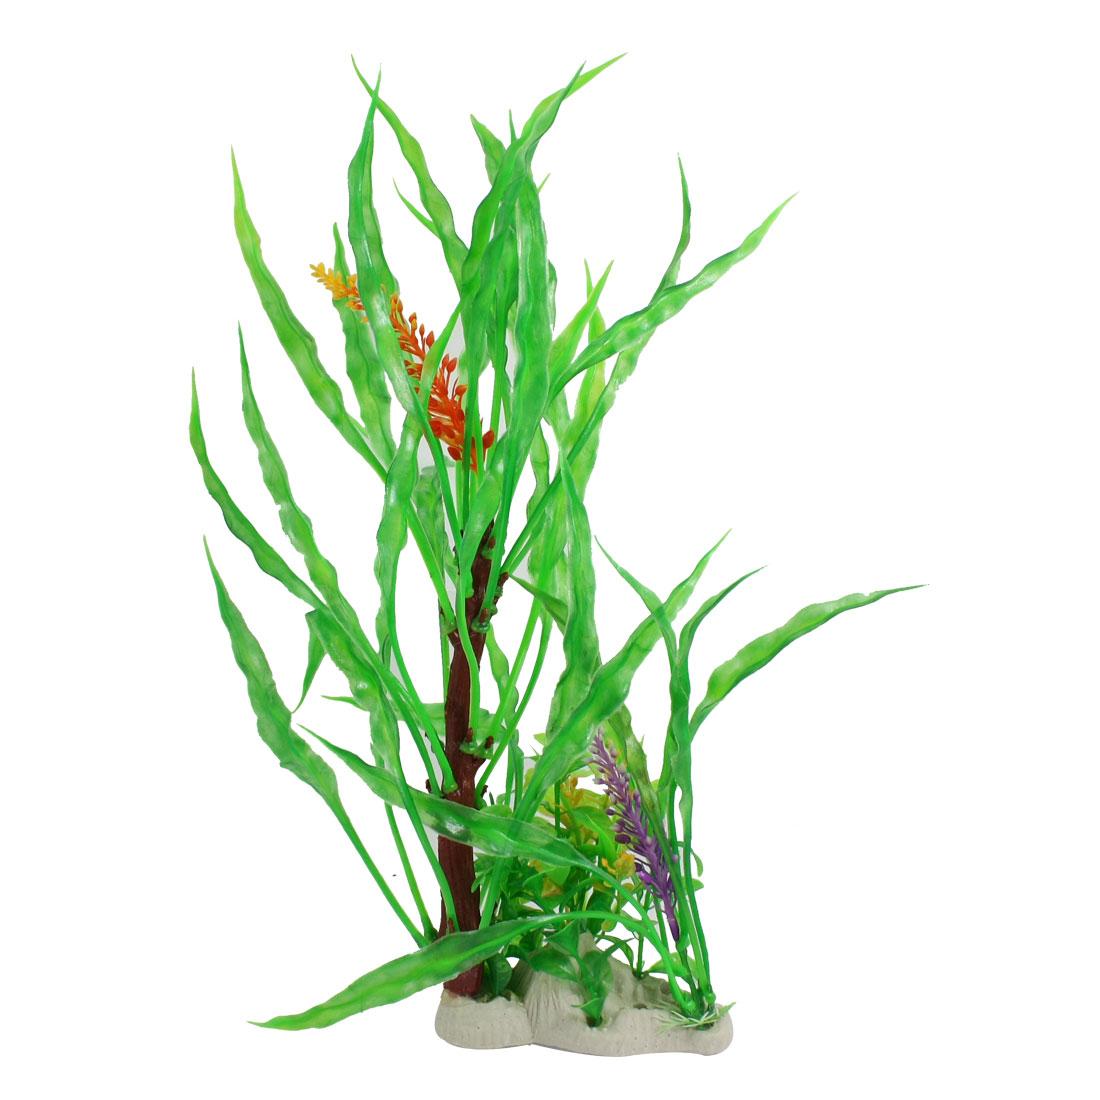 Unique Bargains Unique Bargains Orange Flower Long Leaves Artificial Plastic Plant Decor for Fish Tank